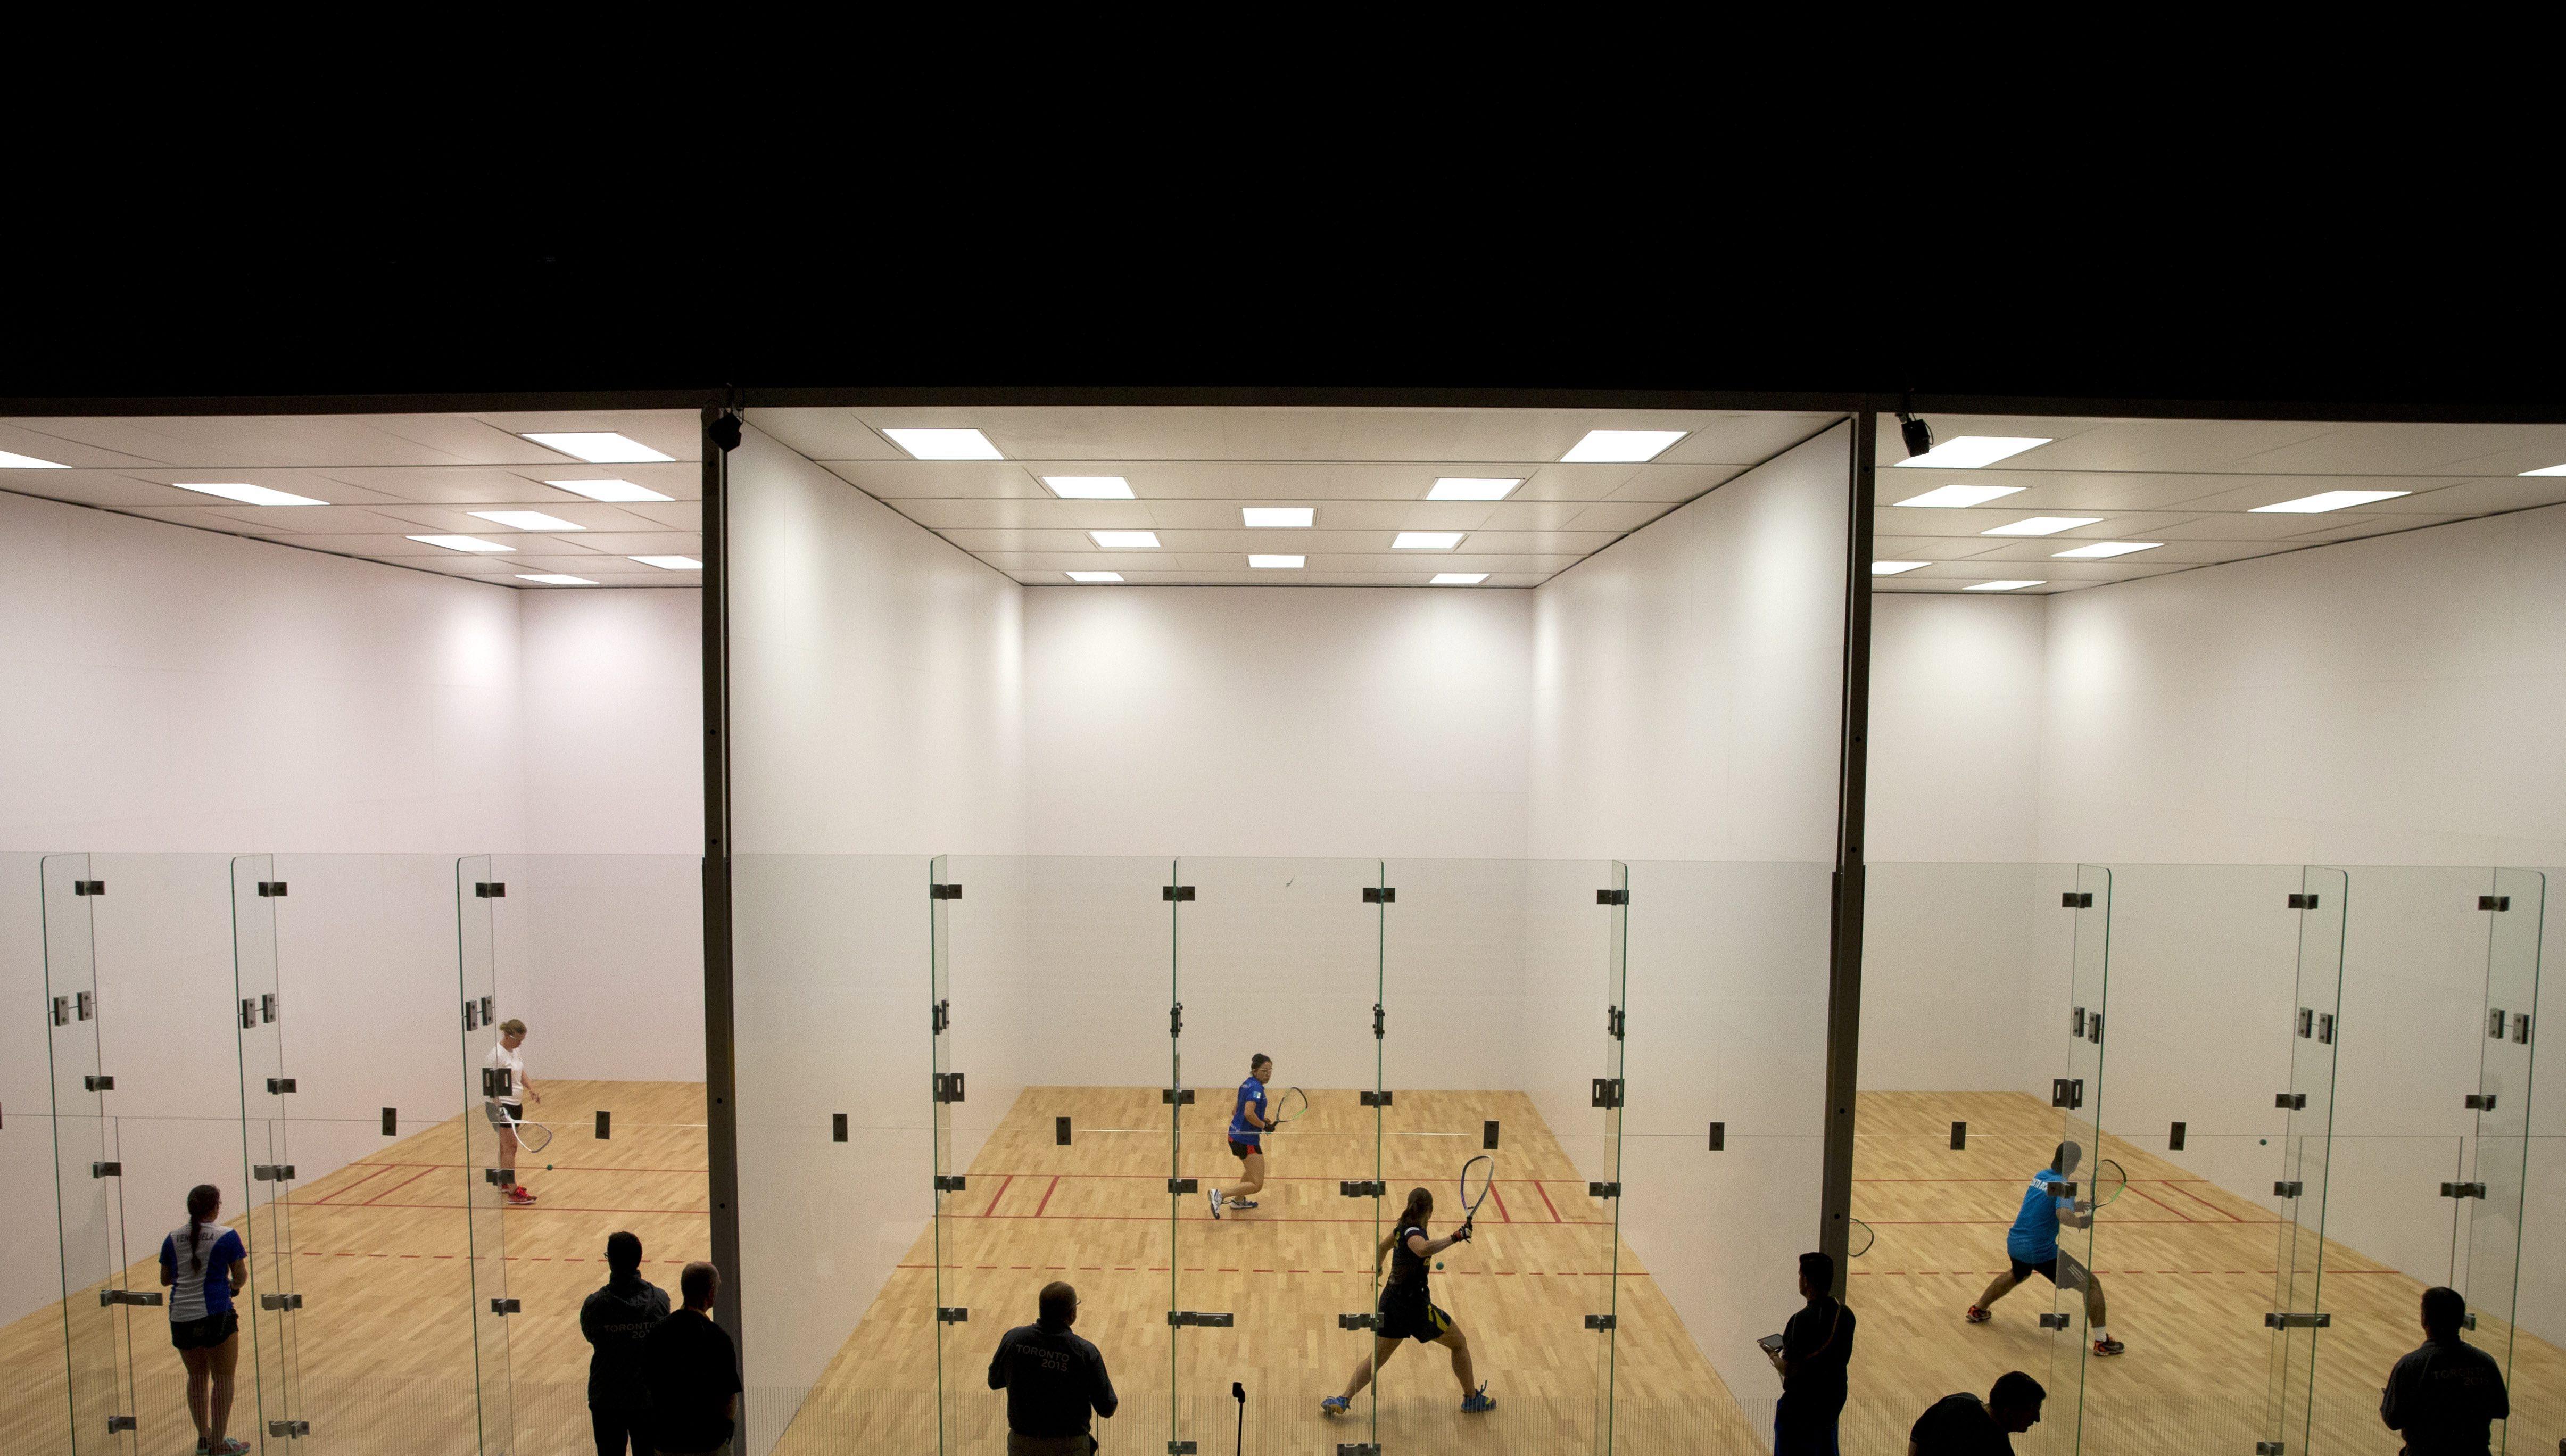 Les terrains de racquetball des Jeux panaméricains de Toronto.